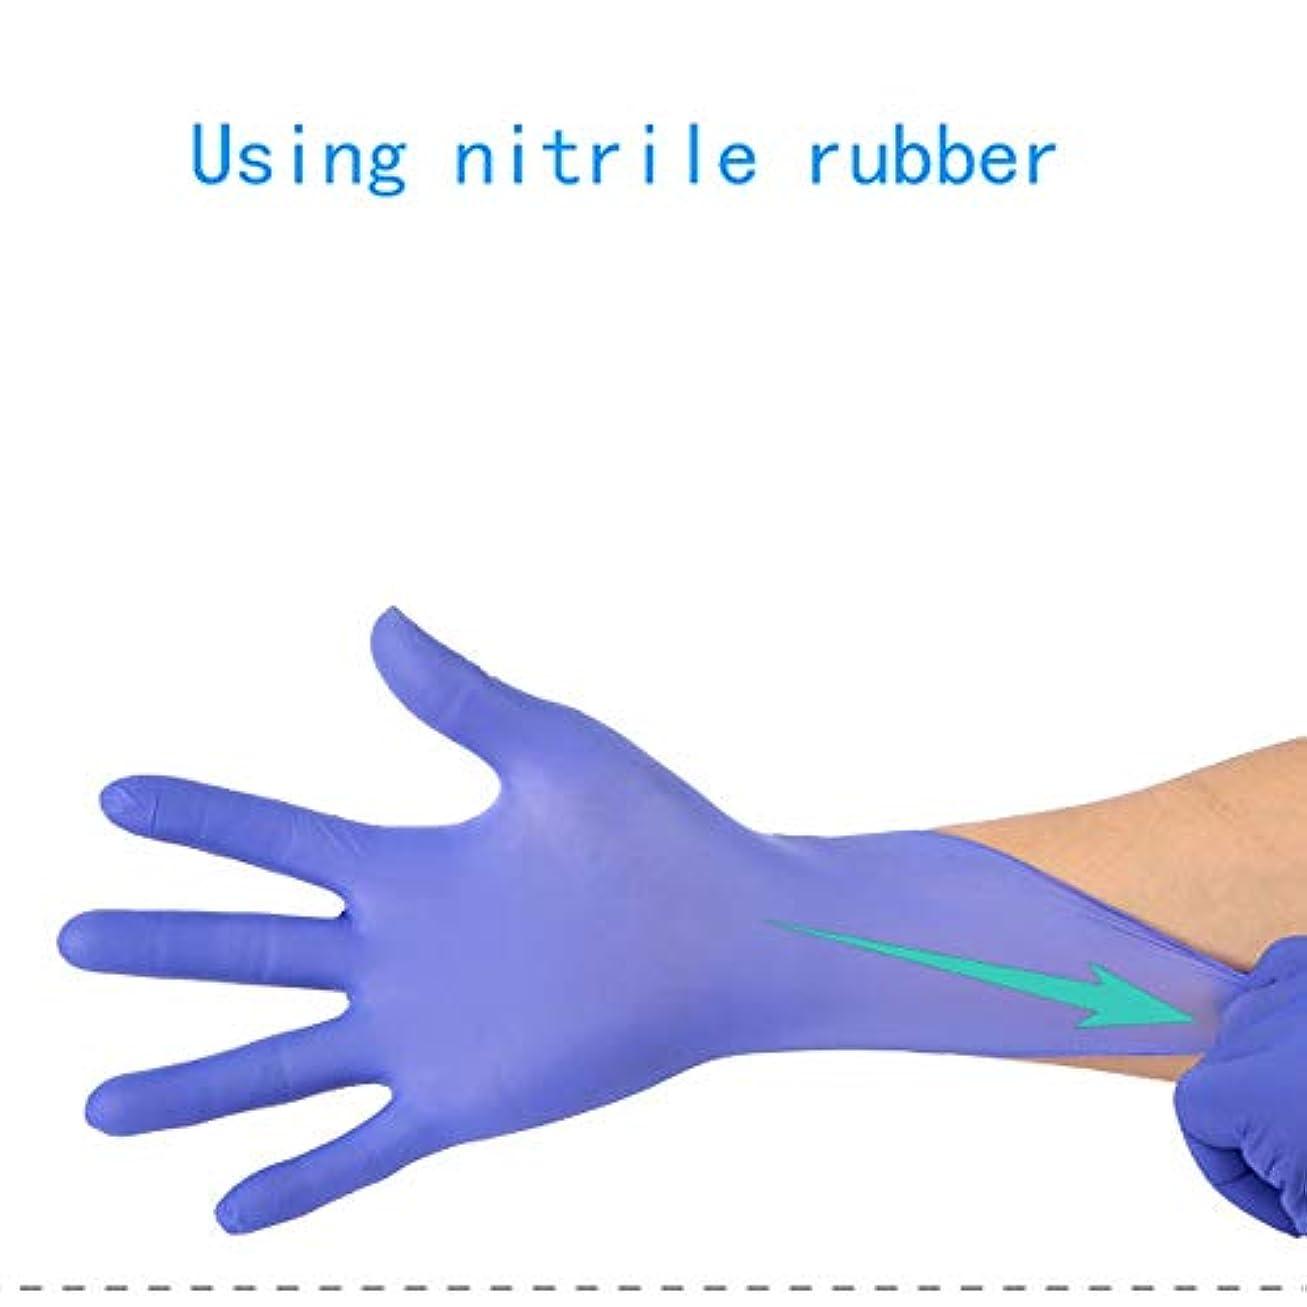 必需品ヒステリック花輪ニトリル医療グレード試験用手袋、使い捨て、ラテックスフリー、100カウント、滅菌済み使い捨て安全手袋 (Color : Purple, Size : L)